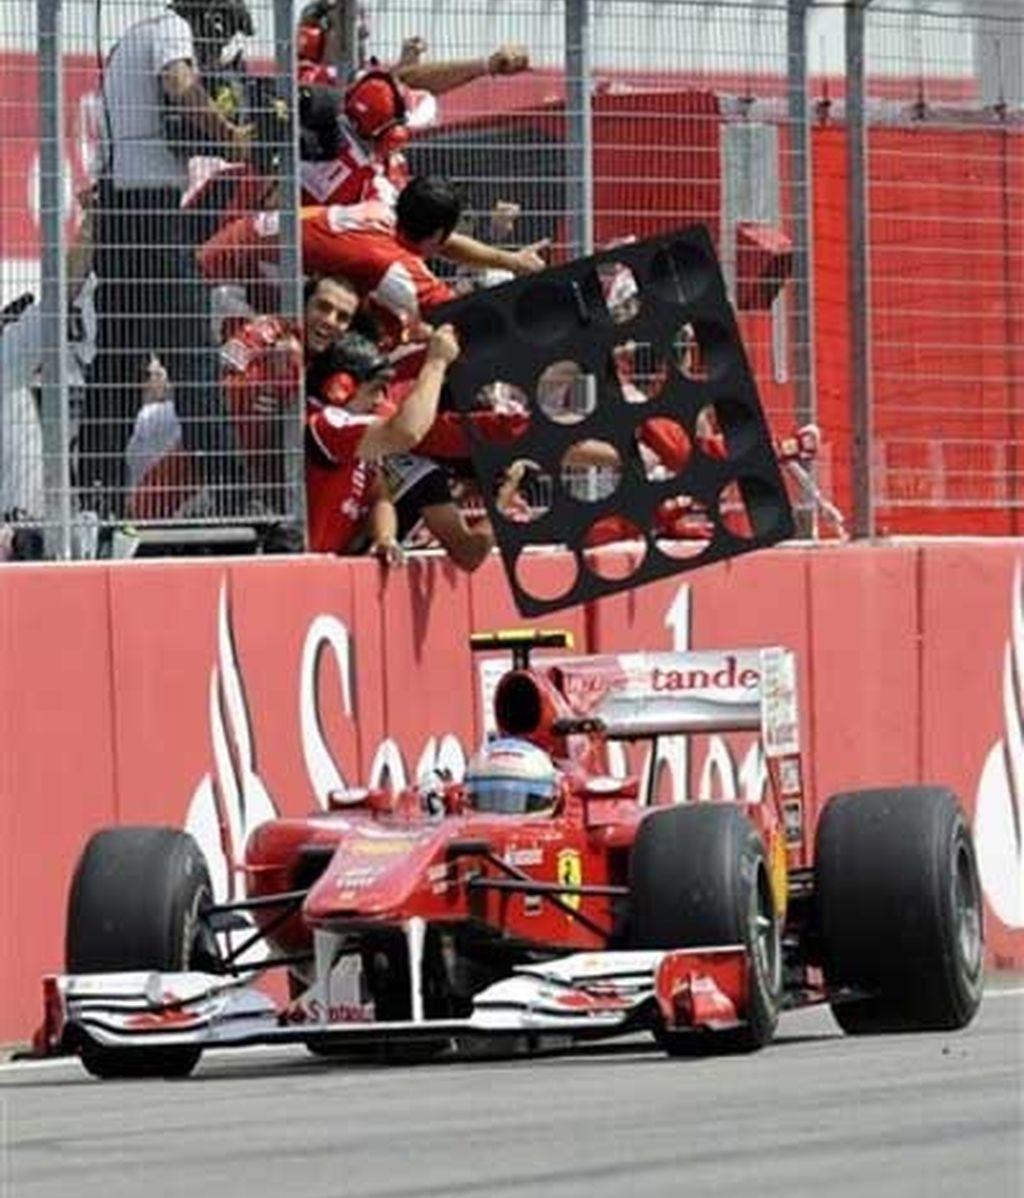 Fernando Alonso y Ferrari han vuelto. Segundo doblete de la 'Scuderia' tras el logrado en Bahrein. Foto: AP